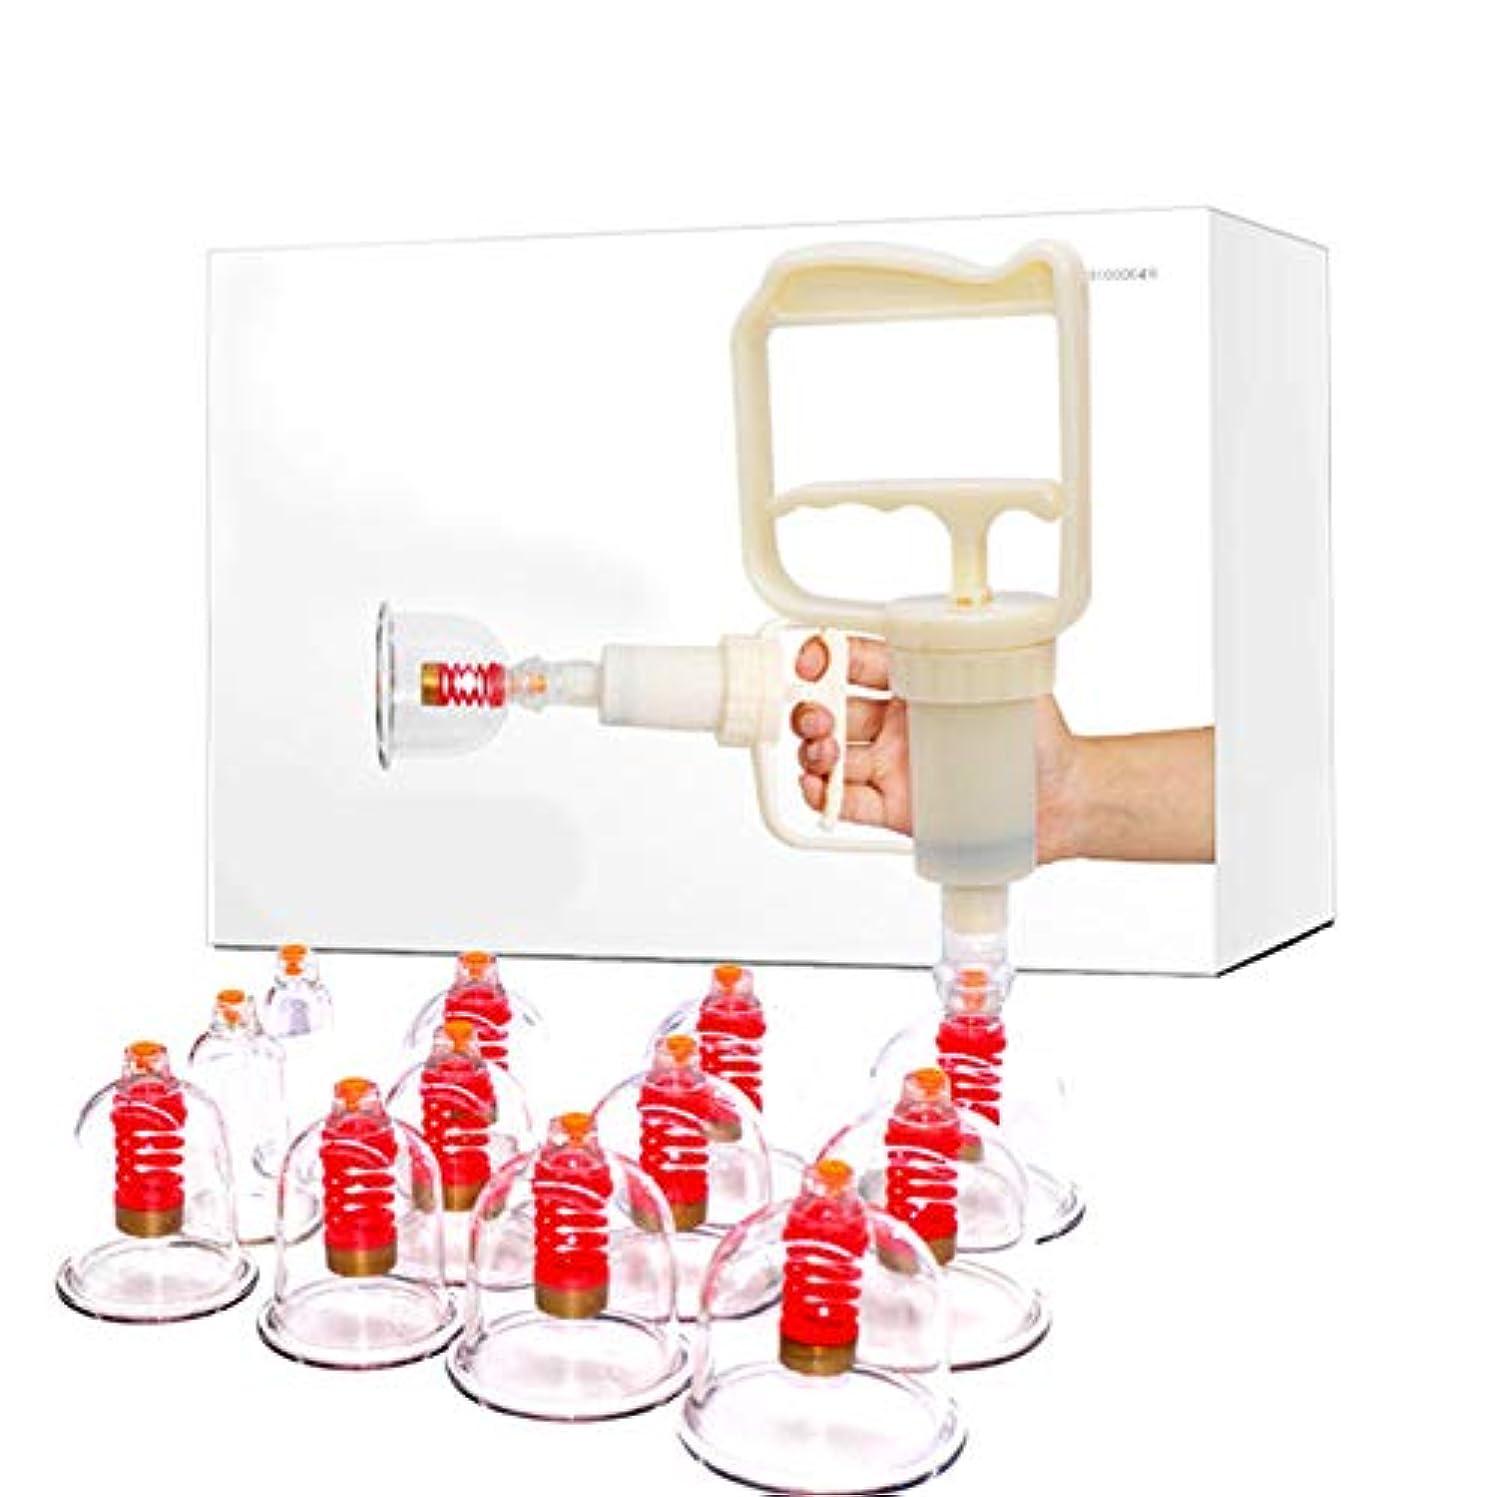 酔っ払いゴネリル体12カップカッピングセットプラスチック、真空吸引中国のツボ療法、在宅医療、筋肉関節痛、肩背部膝痛の軽減に最適